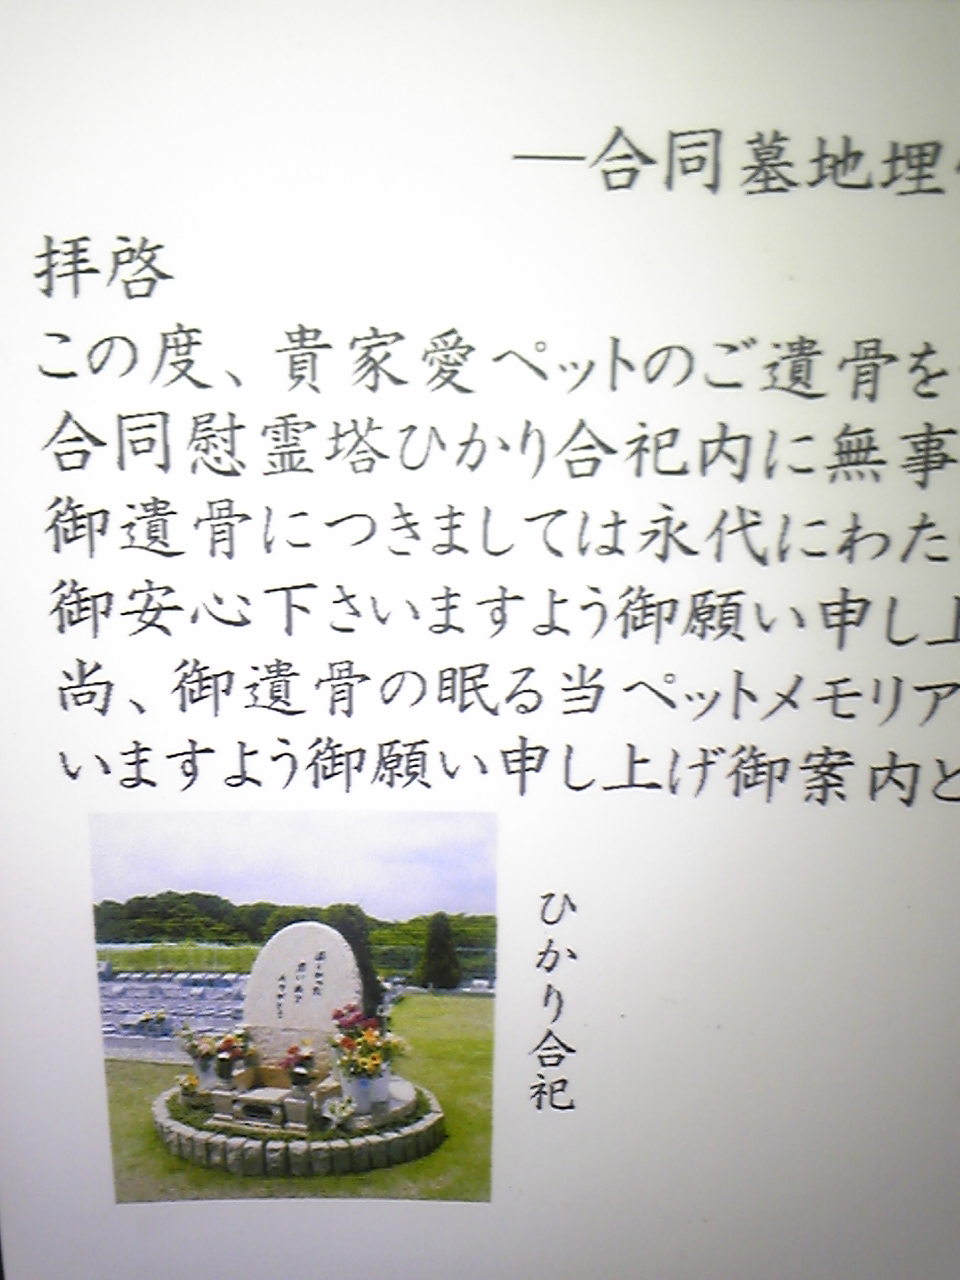 川崎のキジちゃん_b0189509_184120.jpg